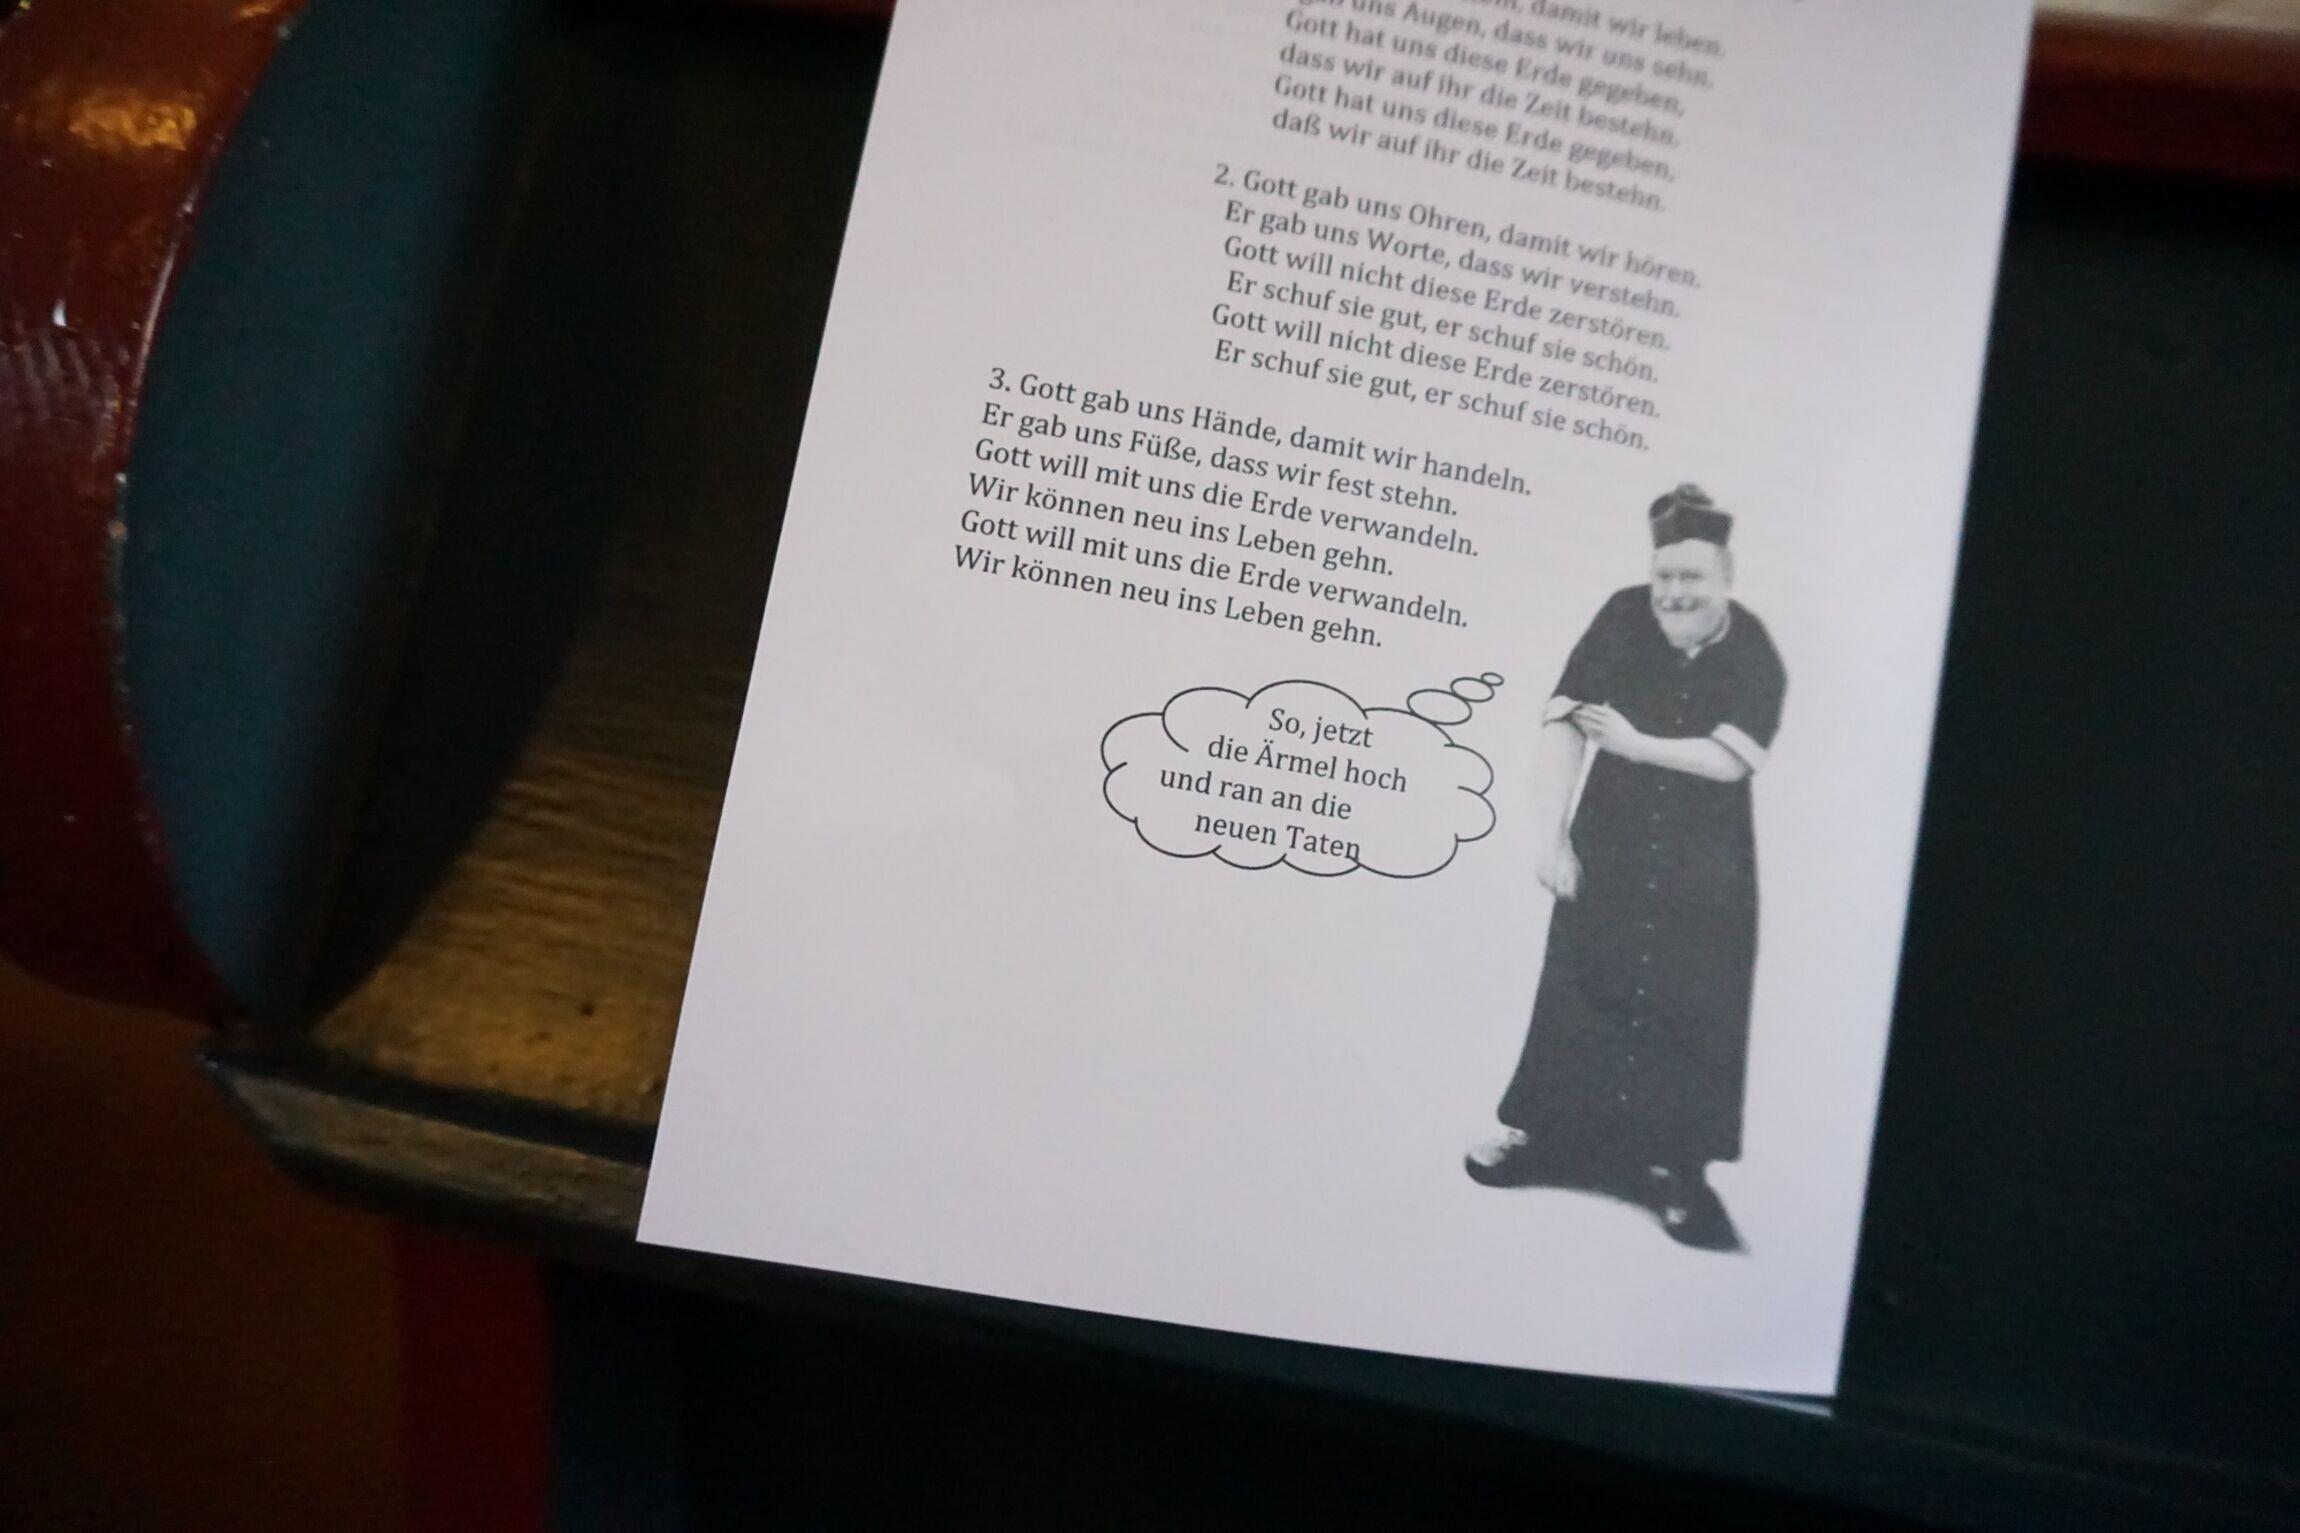 Die Don Camillo-Karikatur von Pastor Andreas Schmidt.